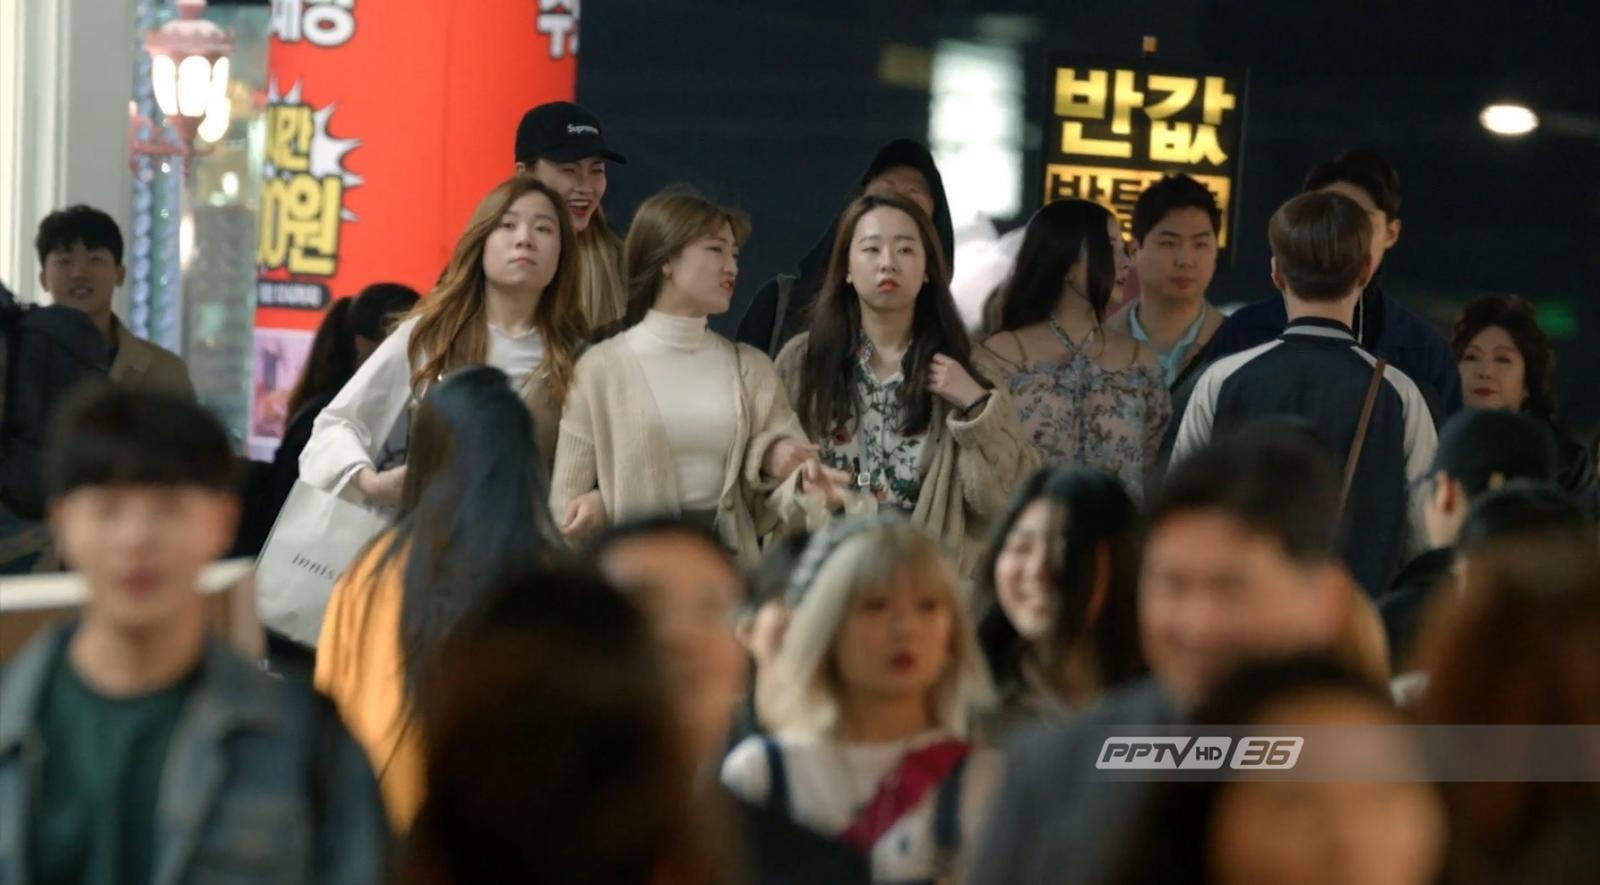 เกาหลีใต้เตรียมปลดหนี้คนจน 1.6 ล้านคน